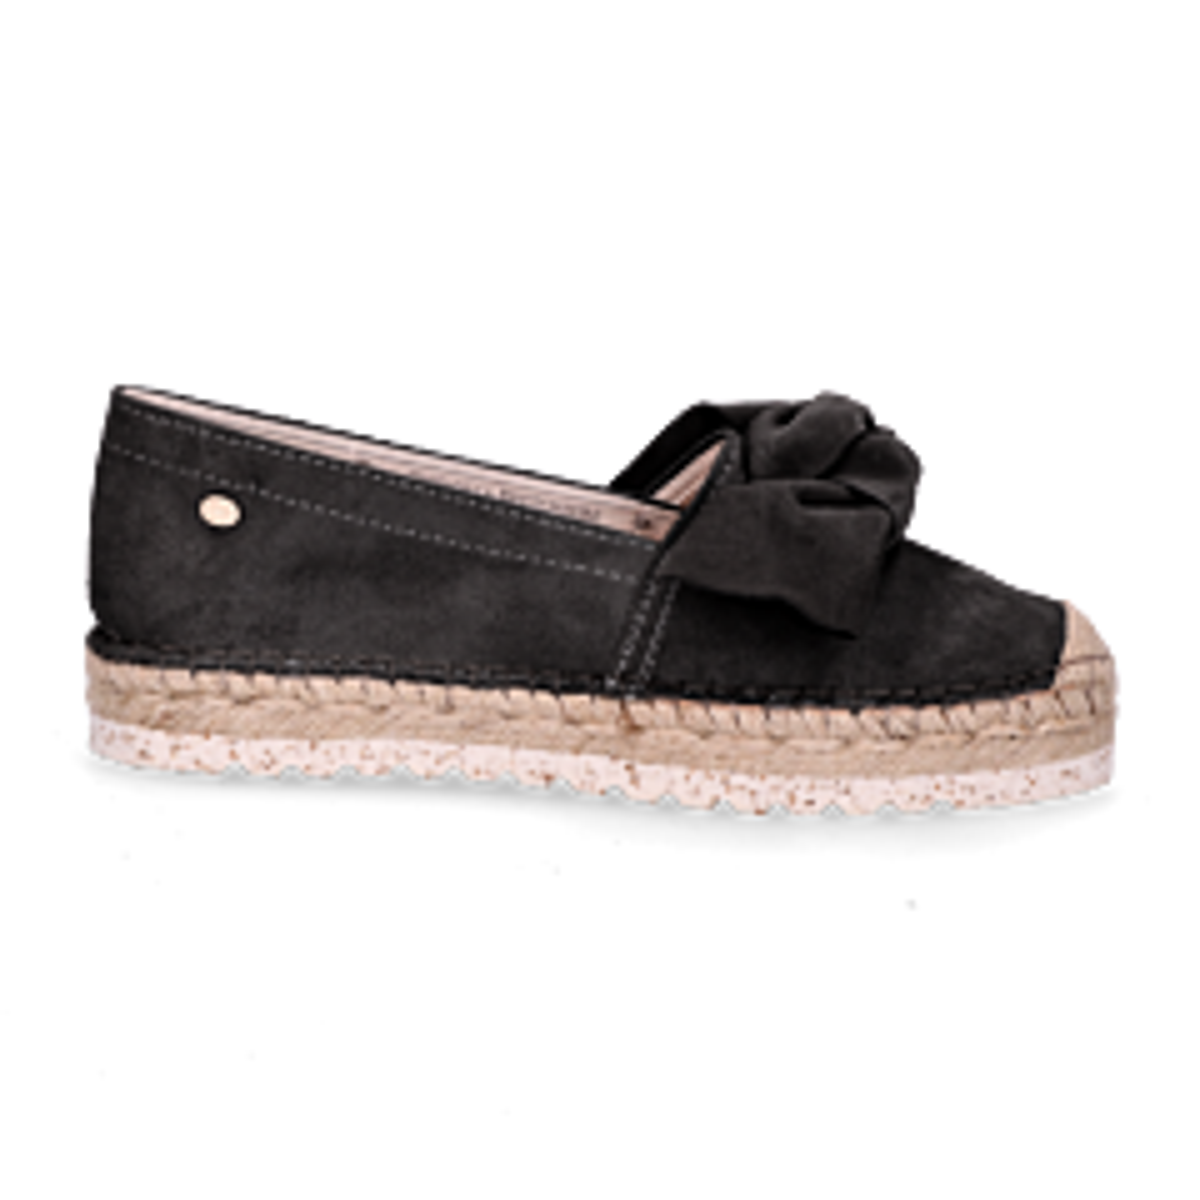 Espadrille-loafer-3,5cm-wildleder-schwarz